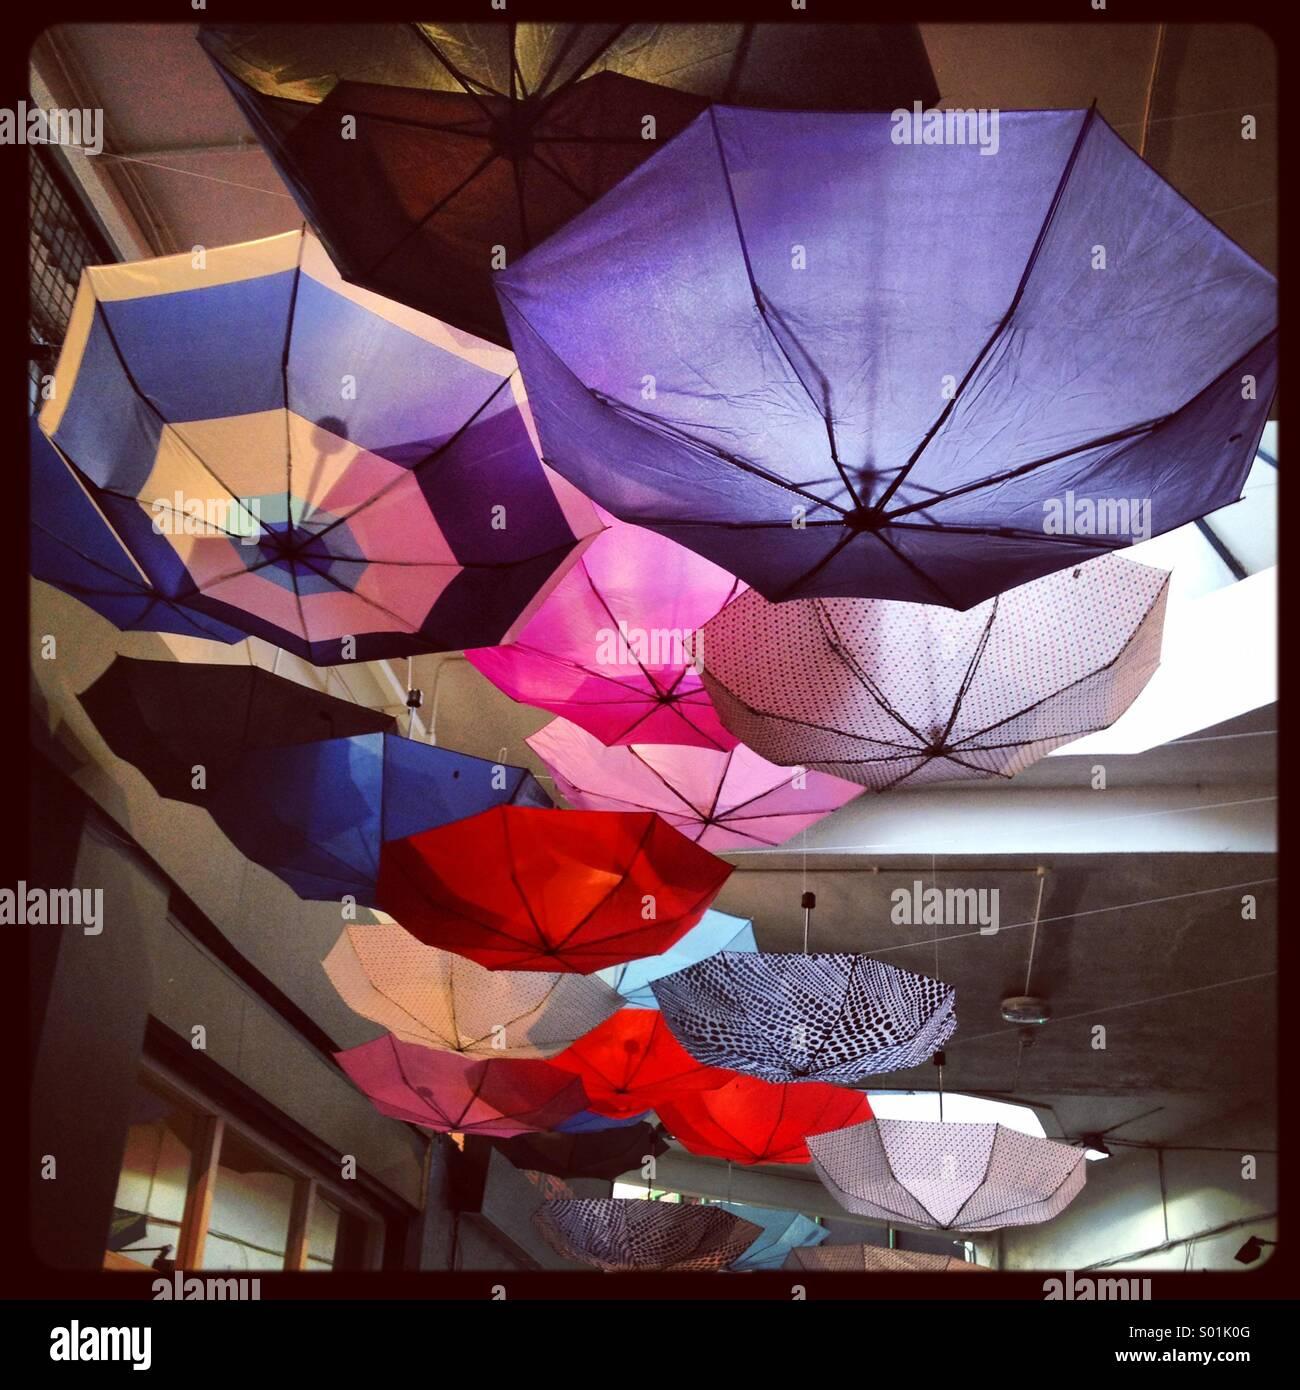 Paraguas colgado boca abajo en la aldea de Brixton de Londres. Imagen De Stock